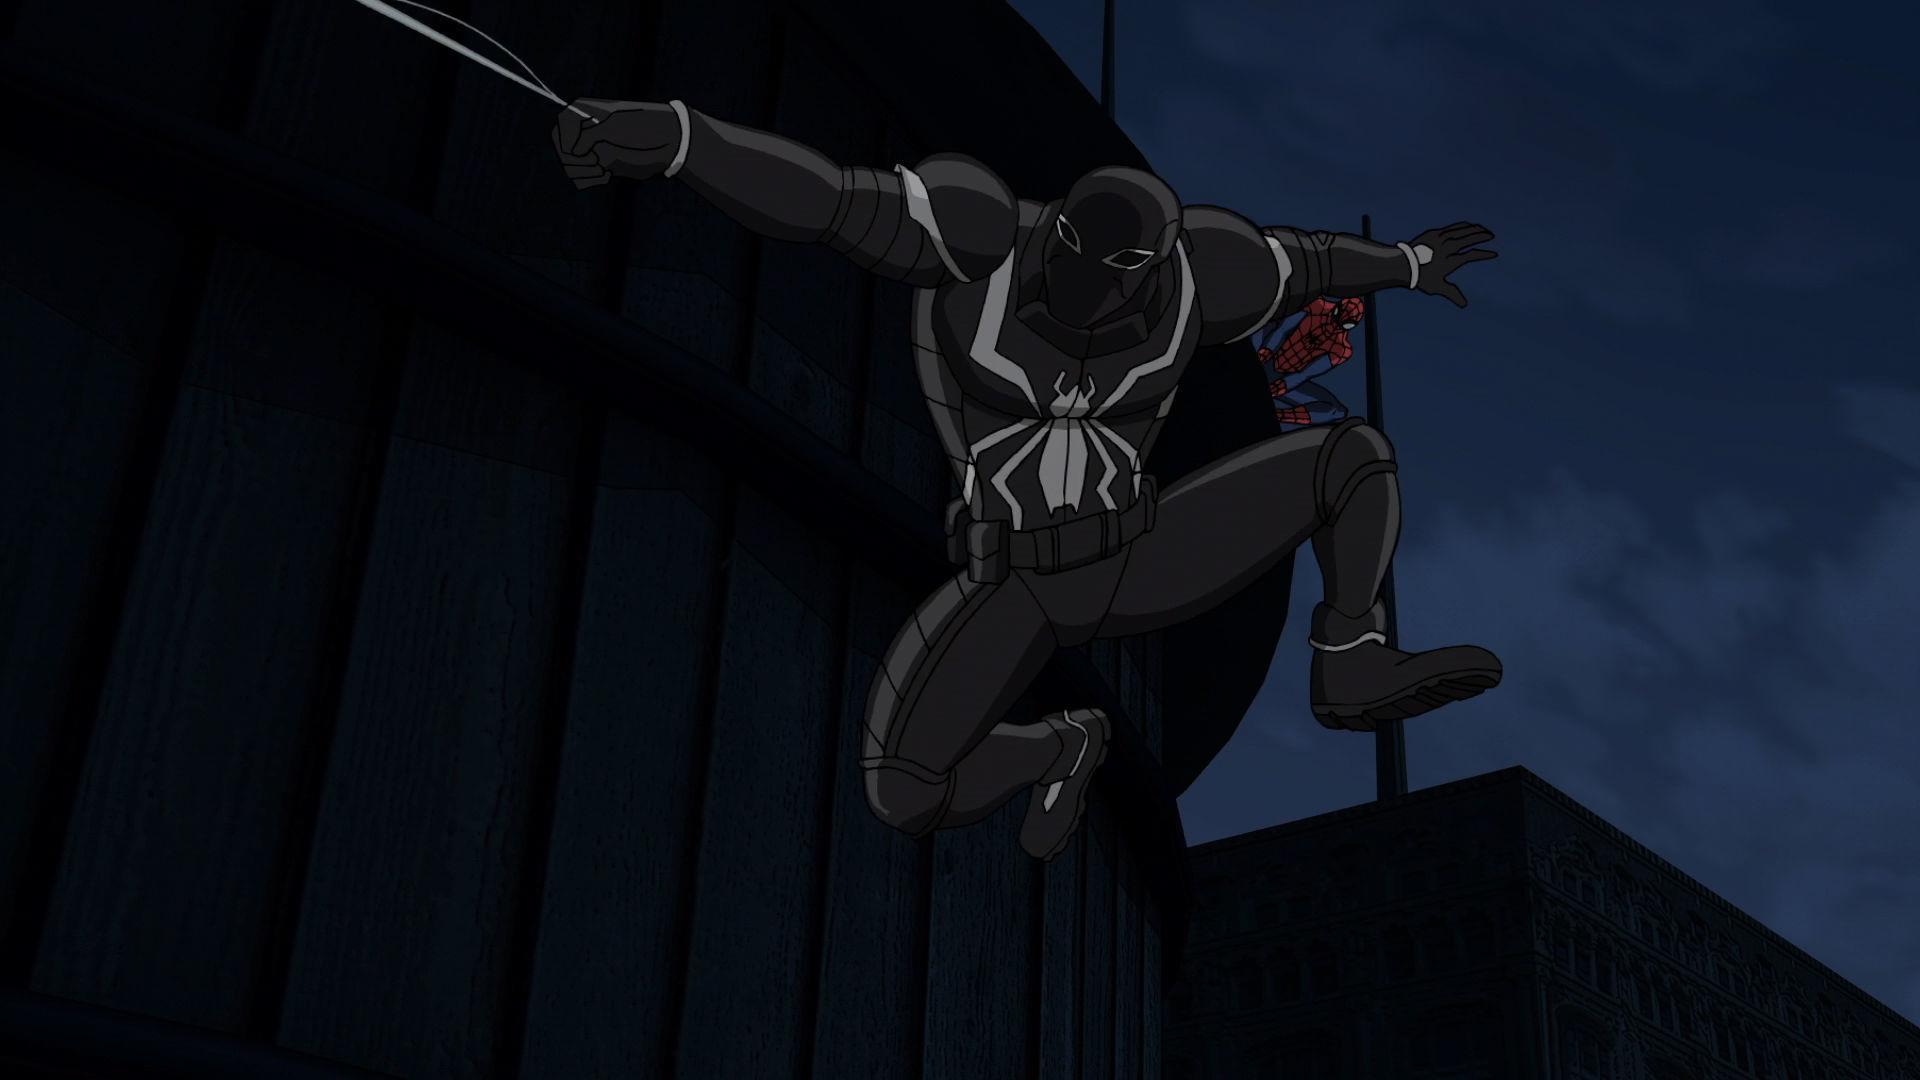 Spider: Symbiote Saga - Part 1